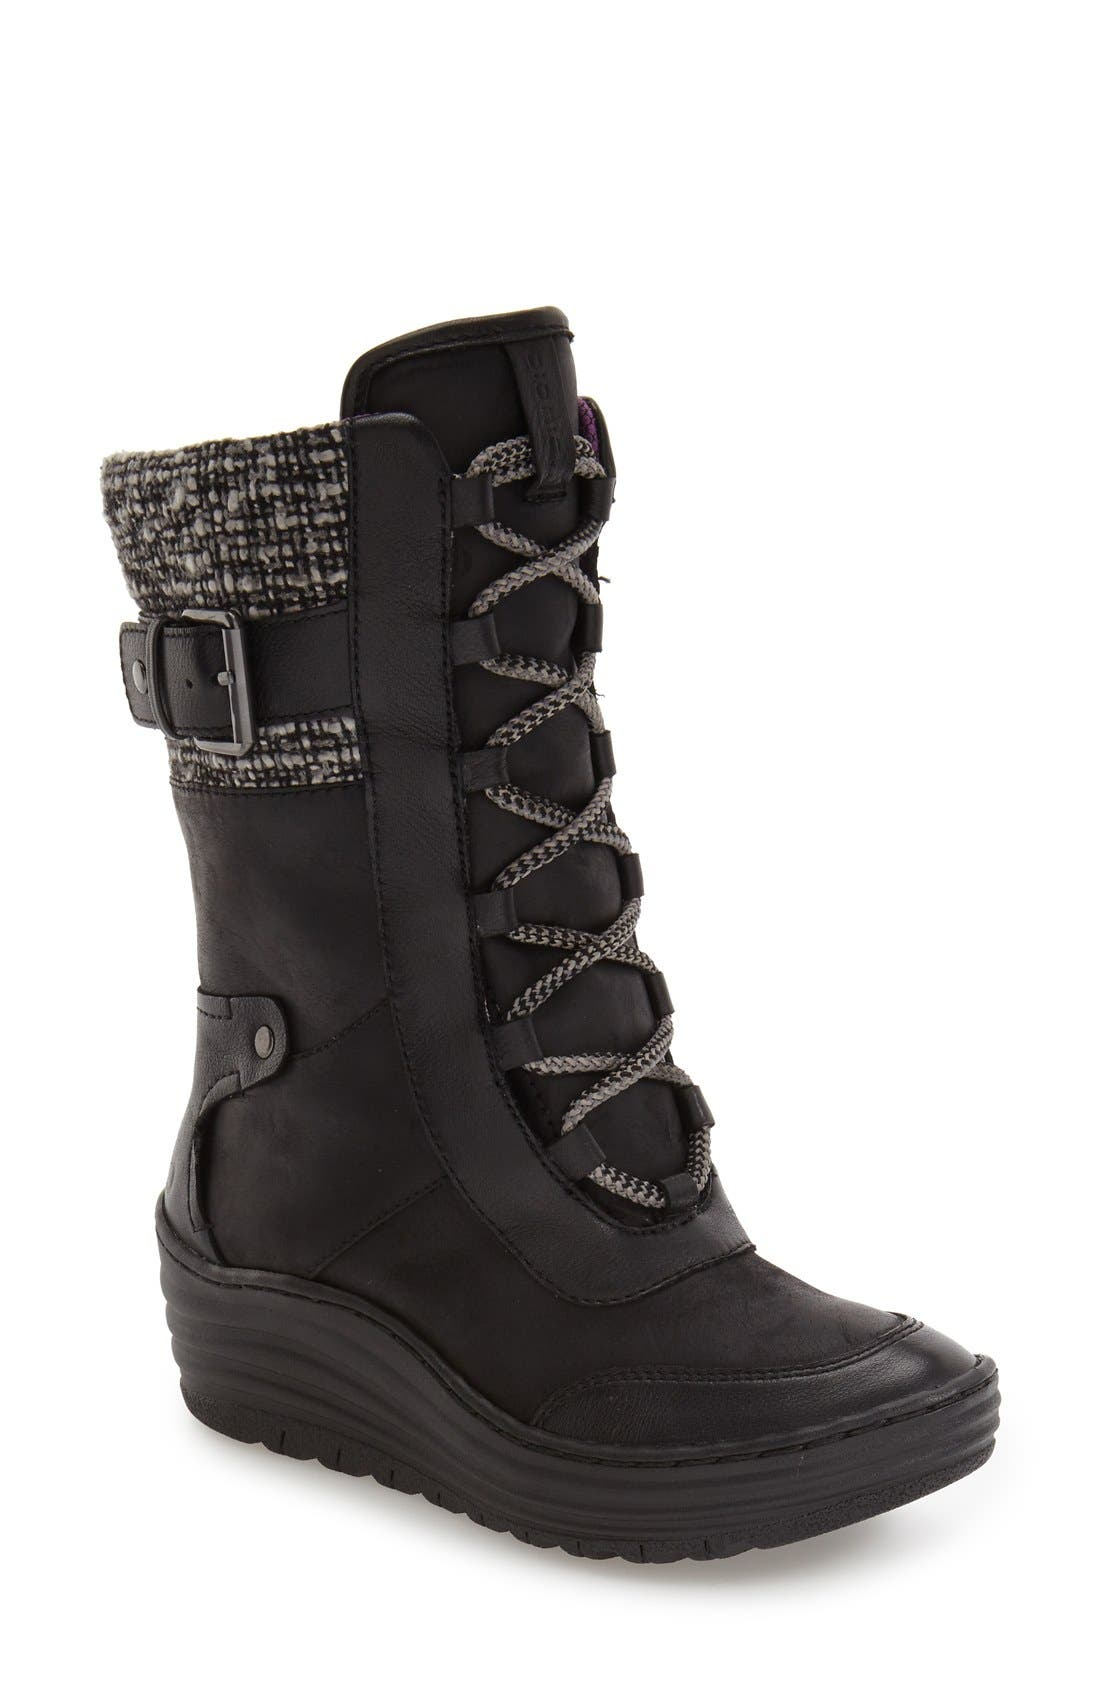 Garland Waterproof Wedge Boot,                         Main,                         color, Black Waterproof Leather